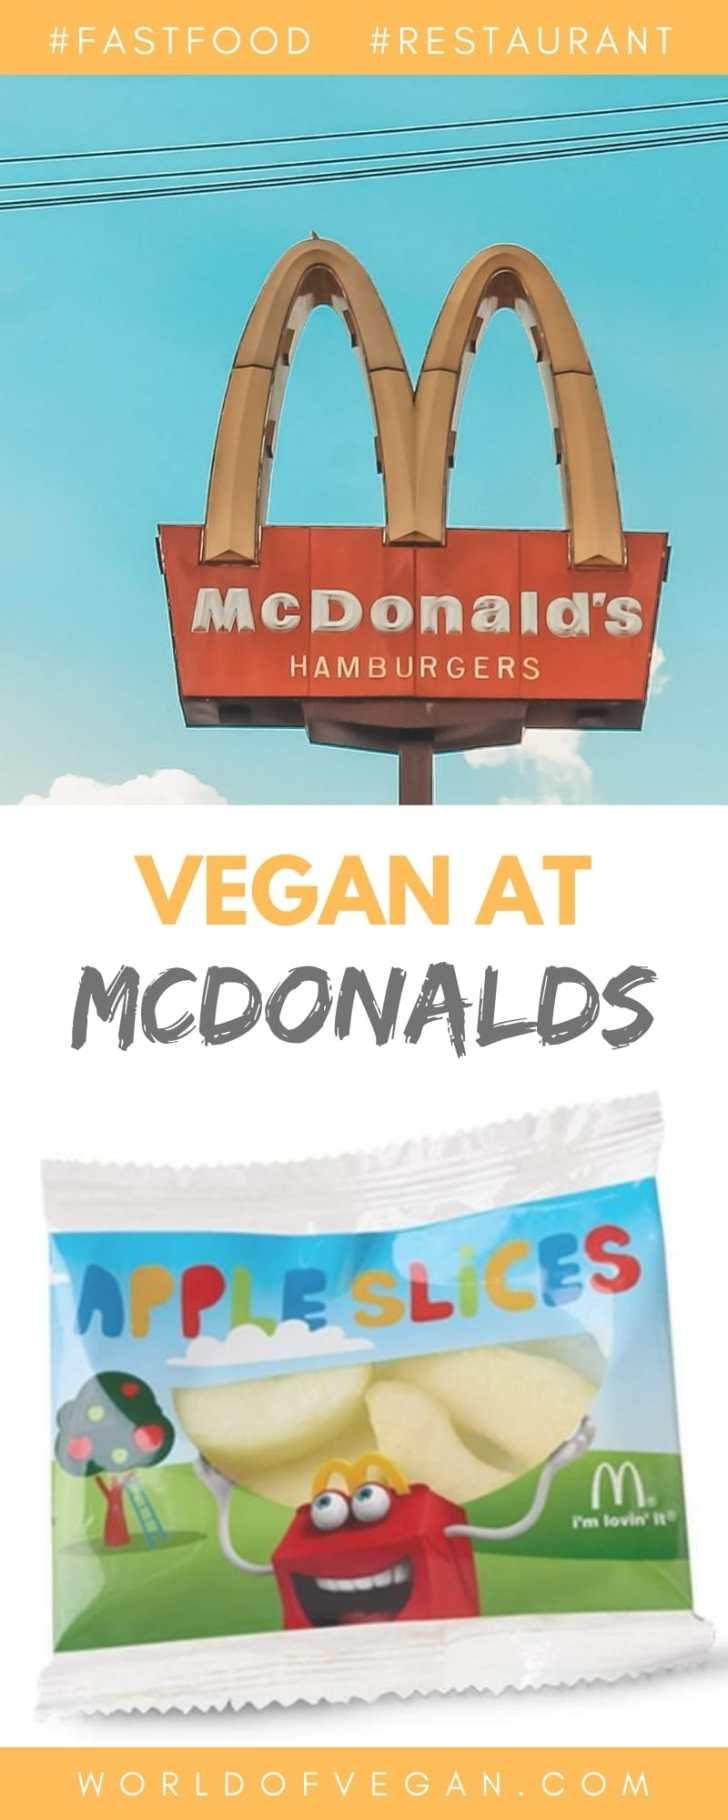 How to Order Vegan at McDonalds